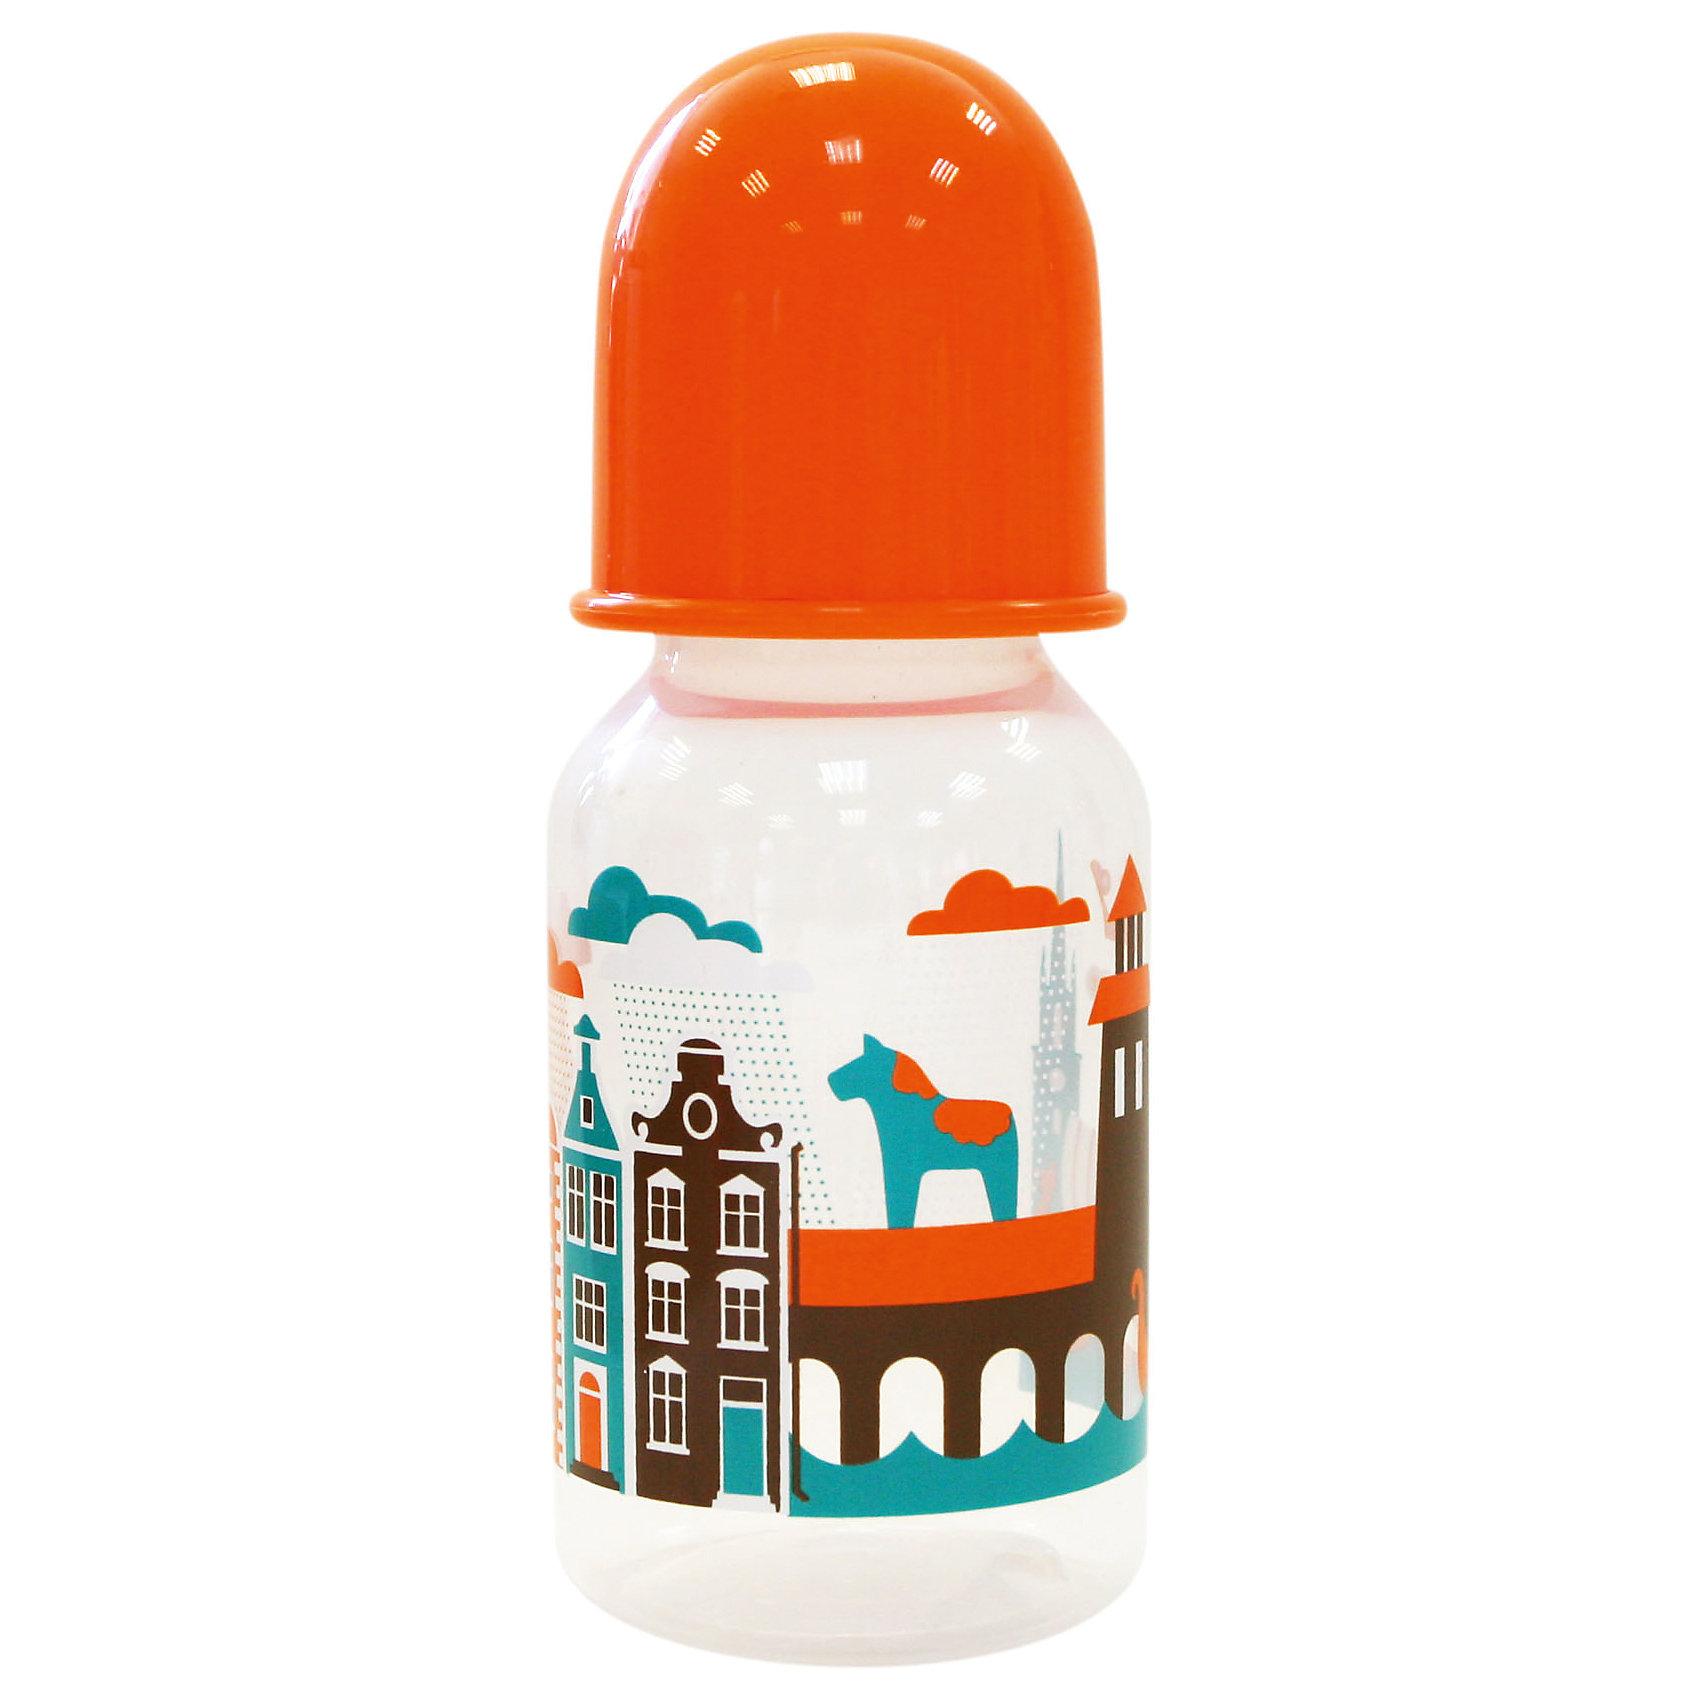 Бутылочка с соской Я люблю от 0 мес., 125-130 мл., LUBBY, оранжевый